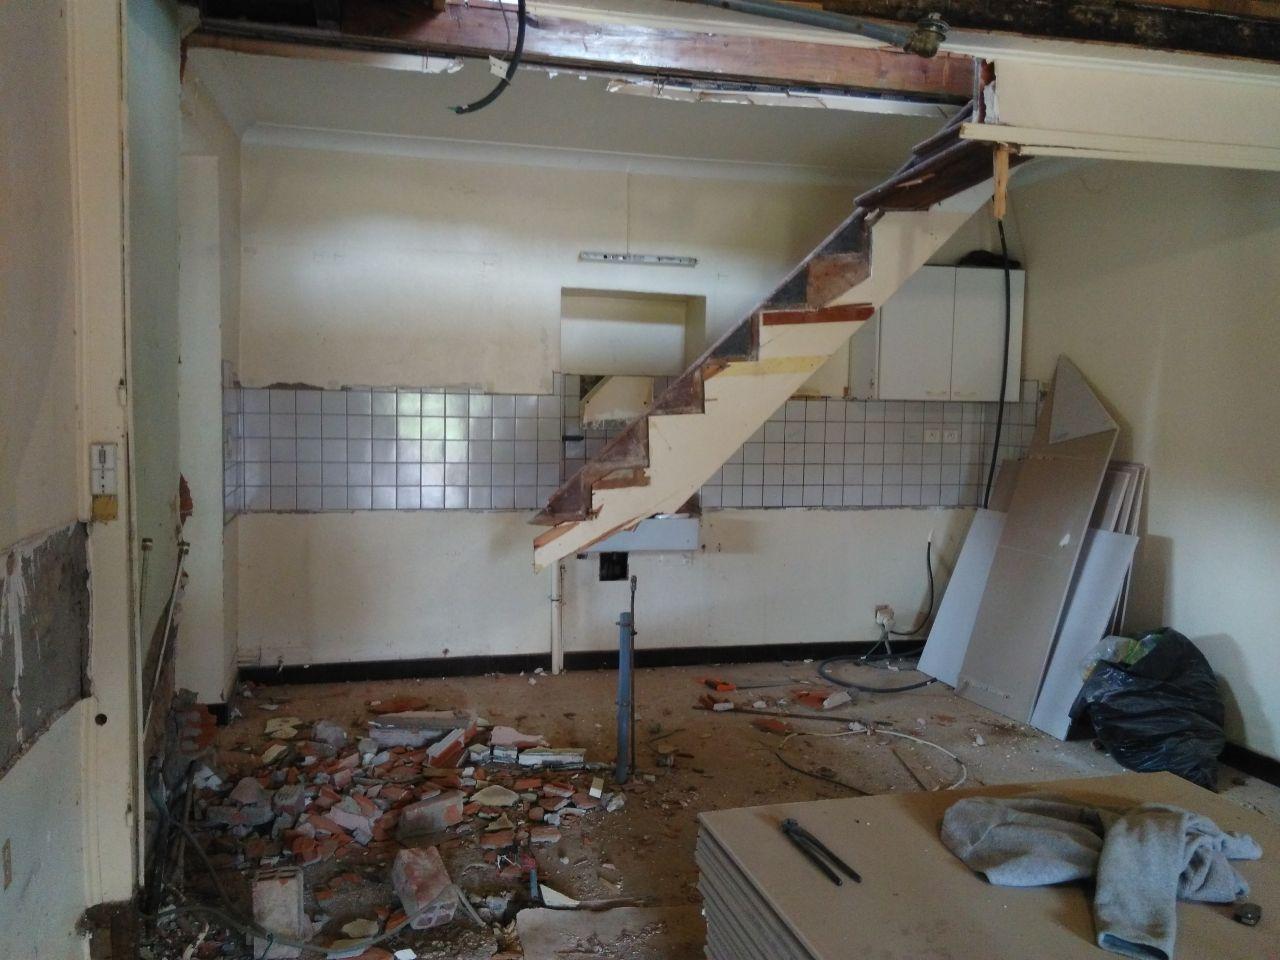 l'ancien escalier en cours de démolition